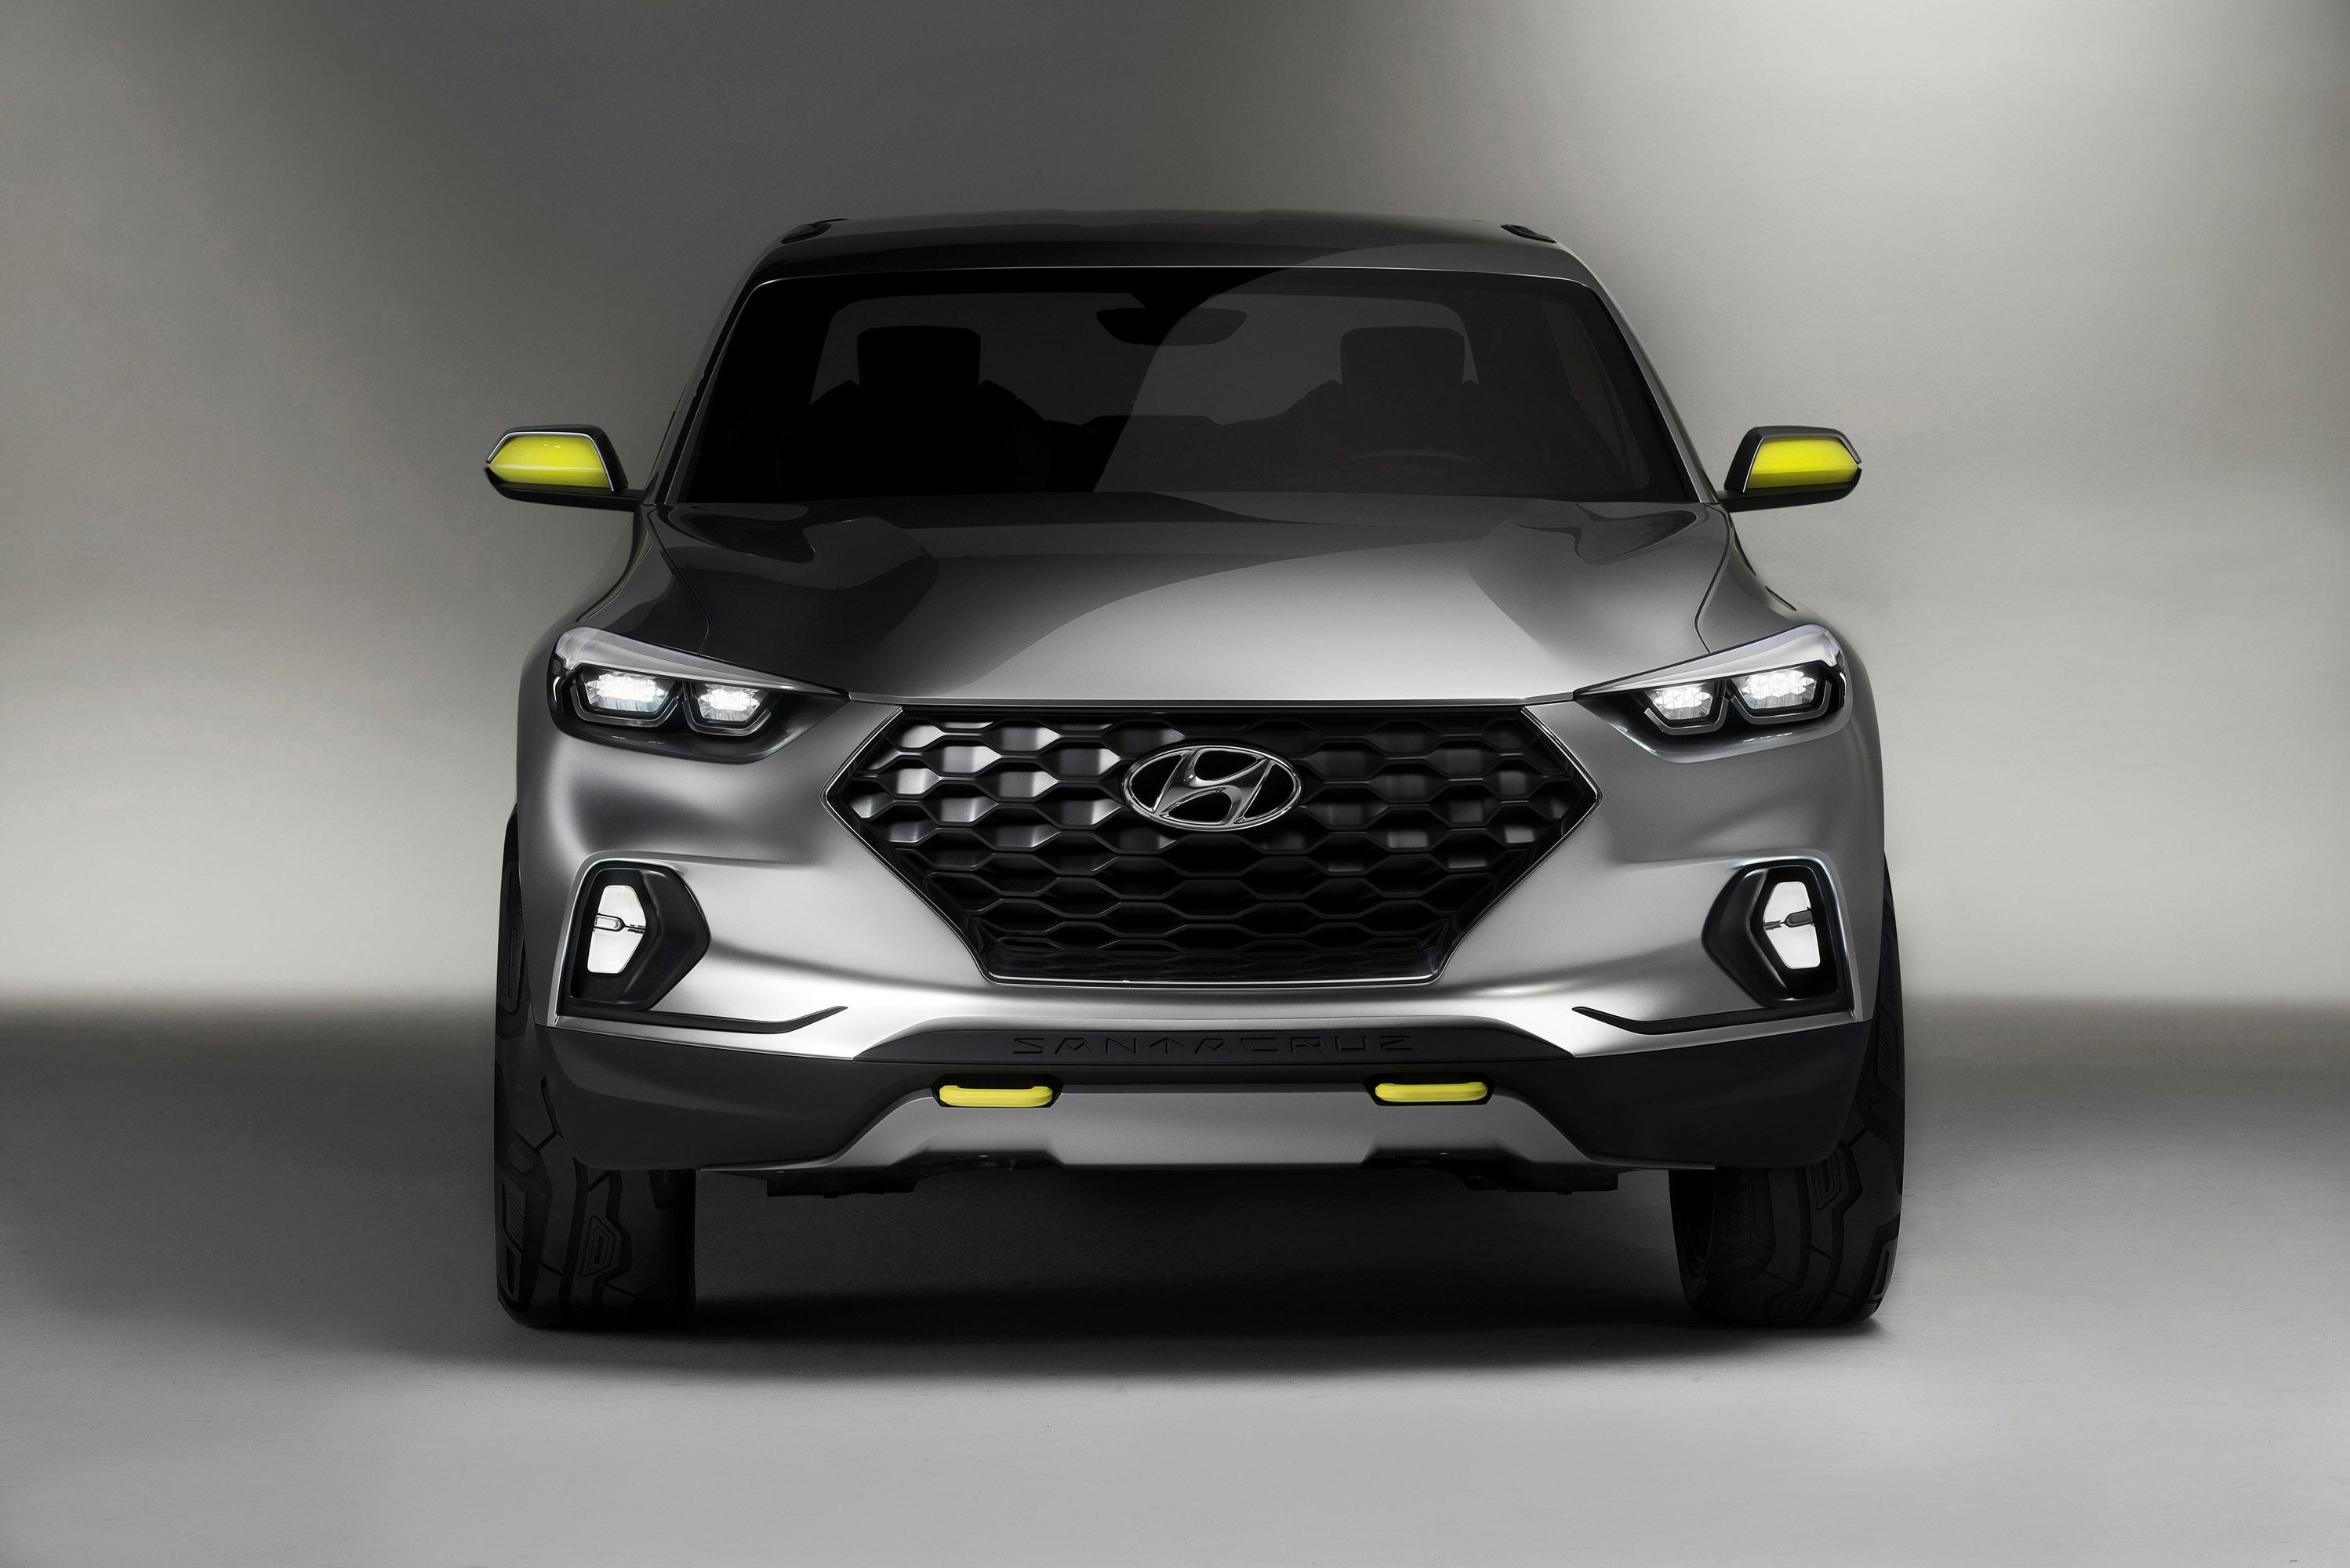 Gallery: Hyundai Santa Cruz Crossover Truck Concept (2015)